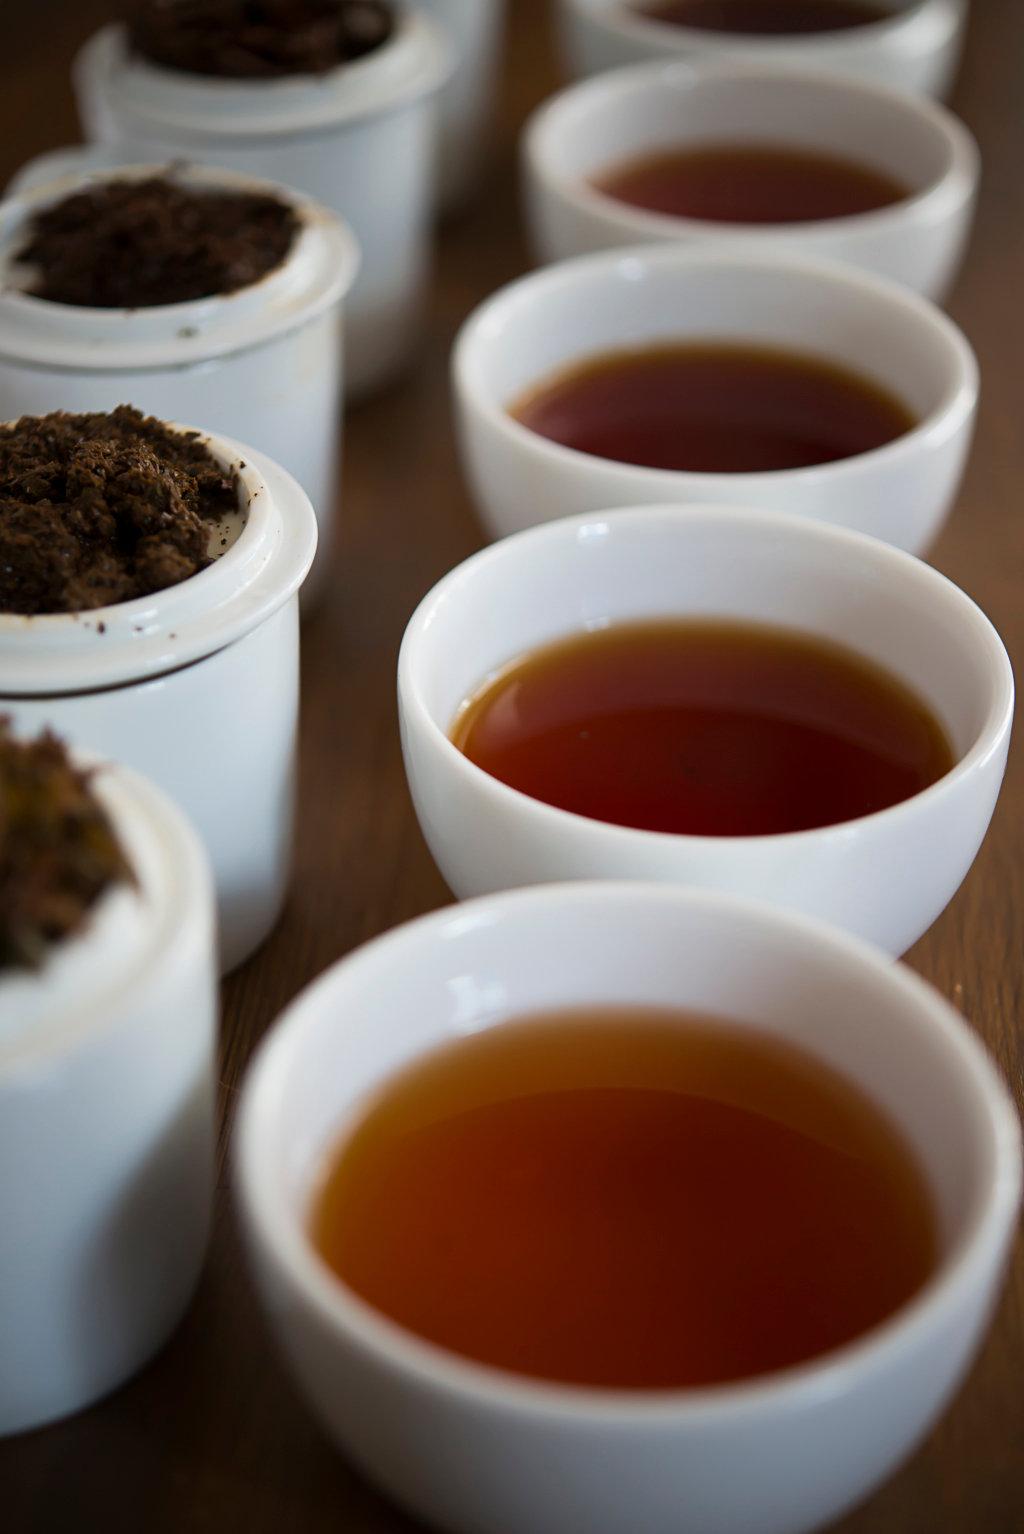 スリランカ7大産地 紅茶テイスティング体験